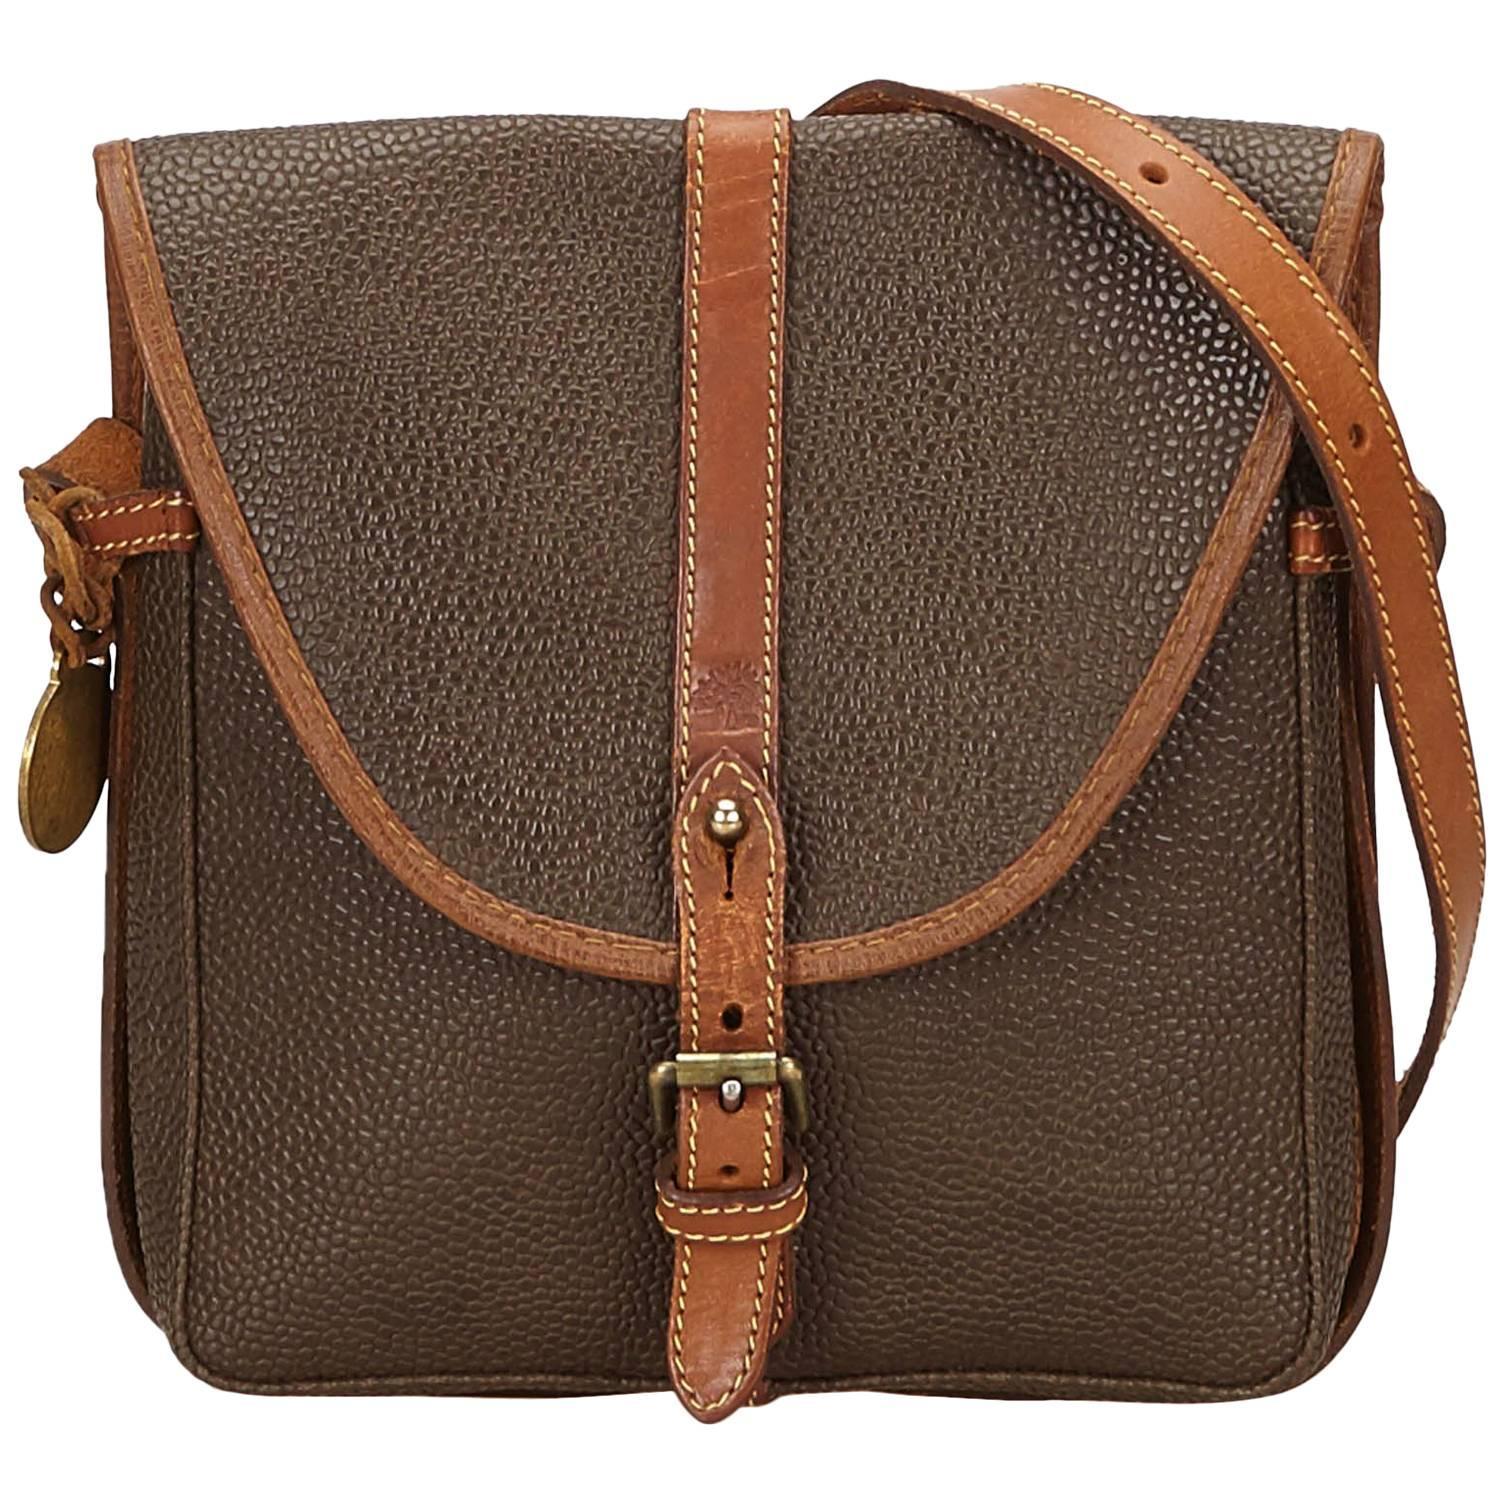 ... coupon code for mulberry brown pvc shoulder bag for sale afa9a 8446d de476b3e49